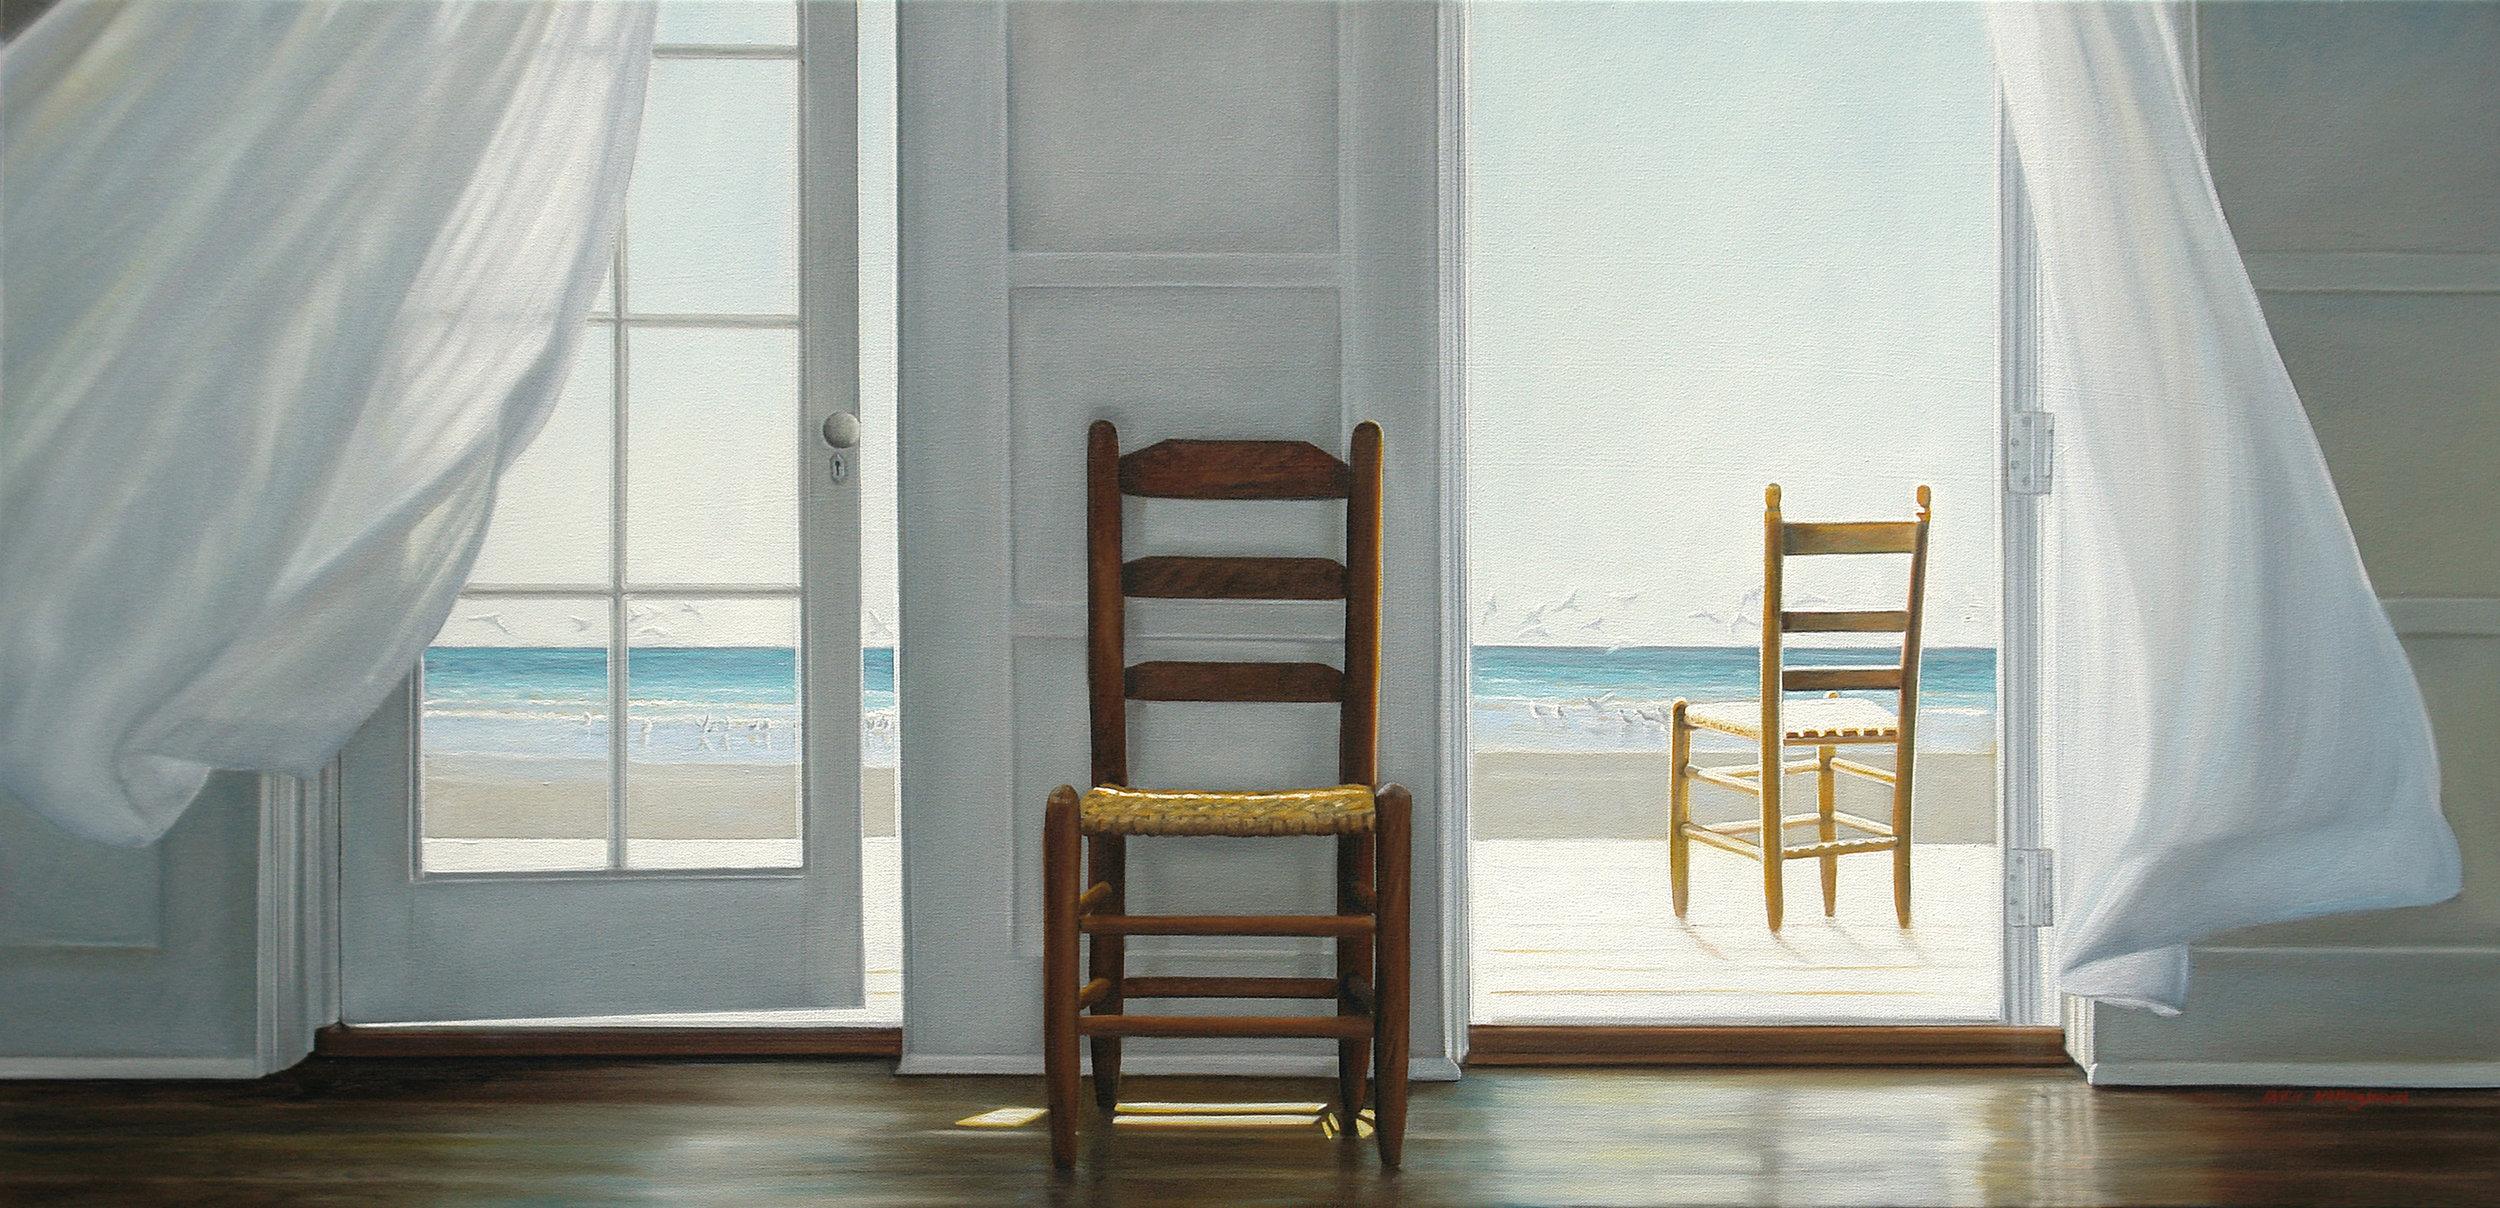 Drifting | 24 x 48 | Oil on canvas